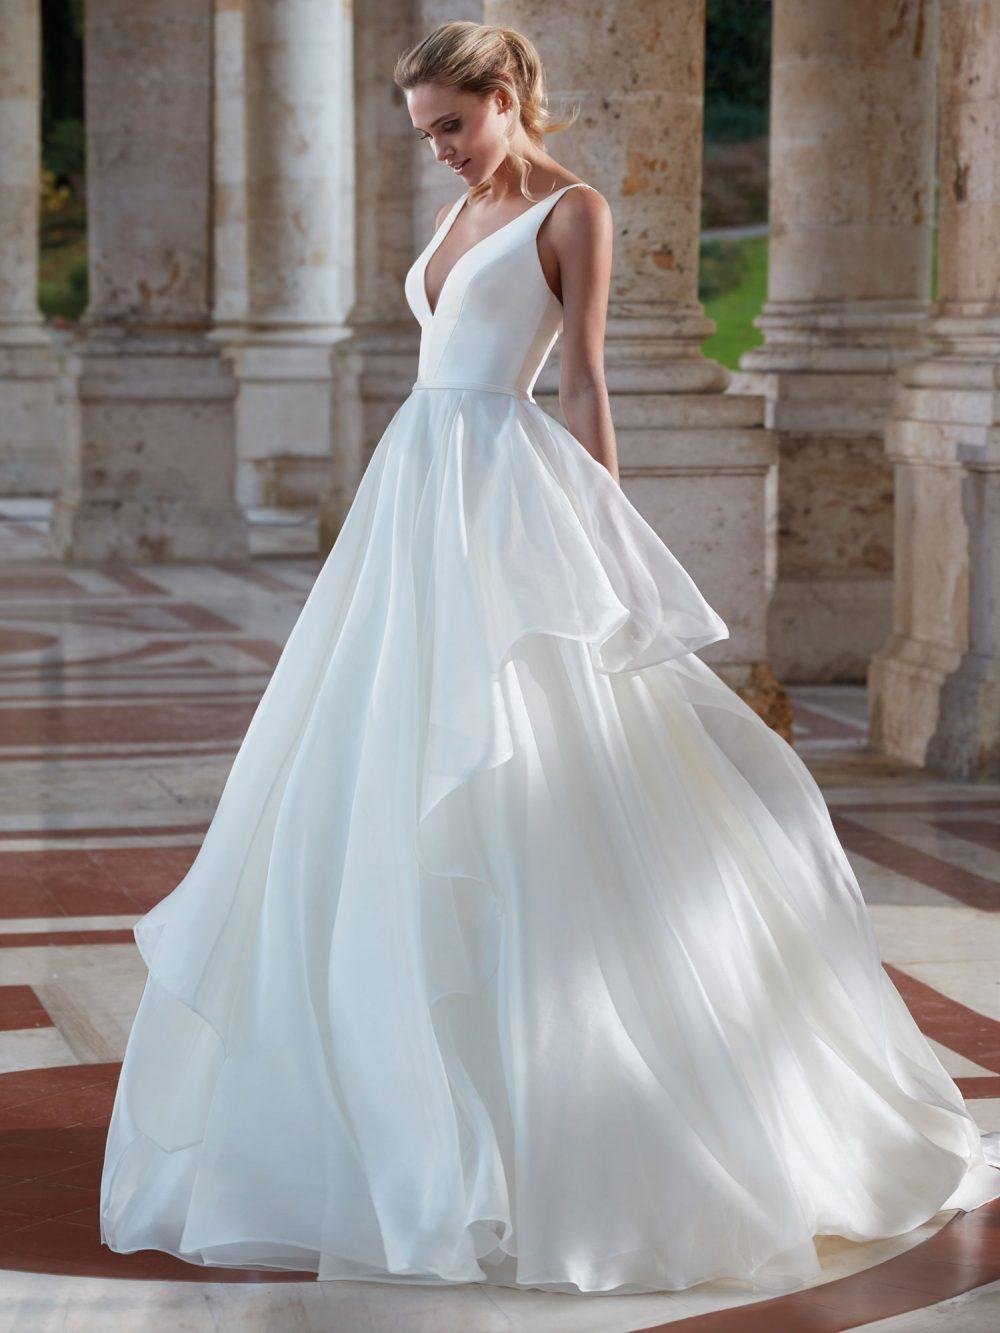 Mariages: abito da sposa Nicole 2021 a Vicenza, Verona, Padova, Veneto NI12138